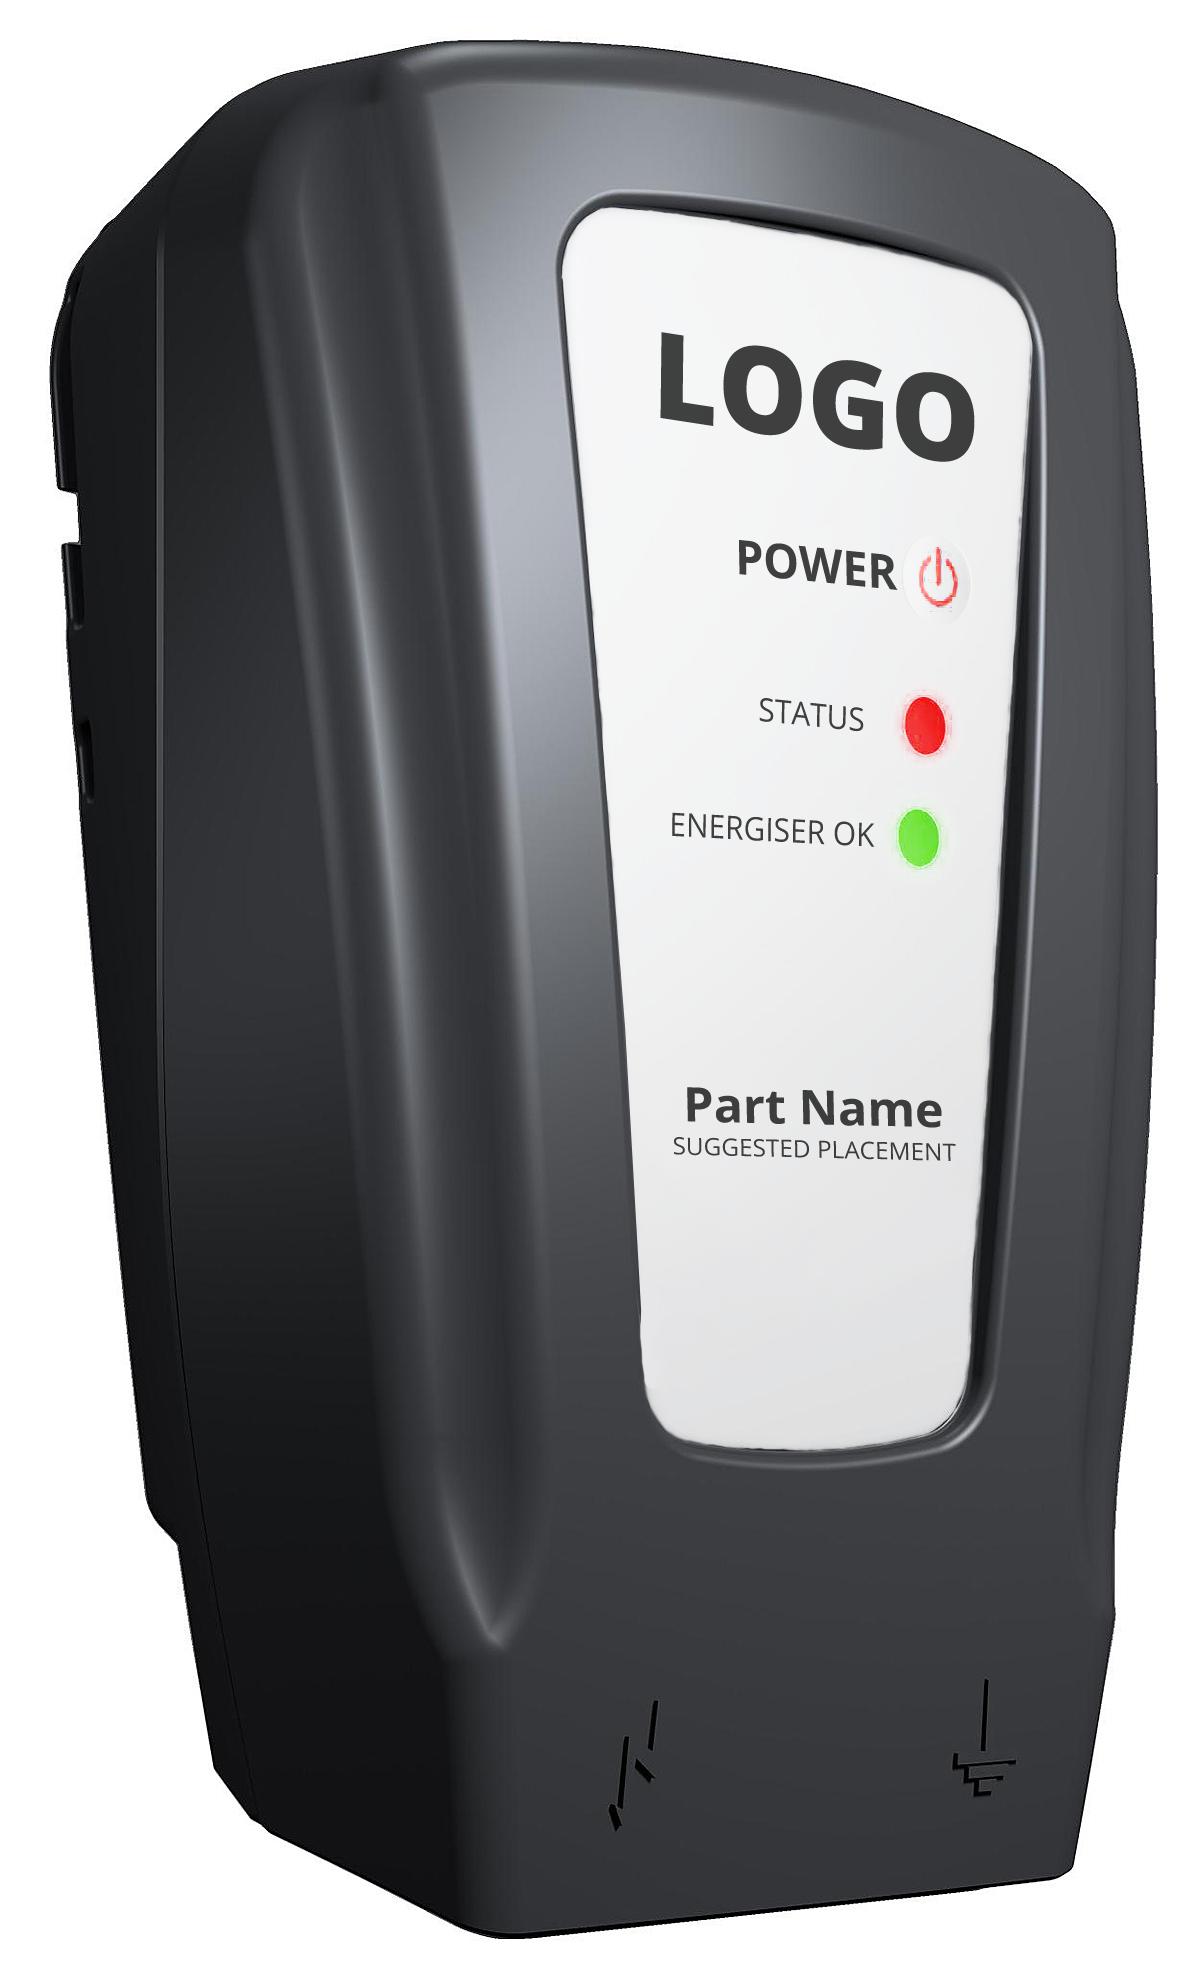 Pakton's PET100 Energiser